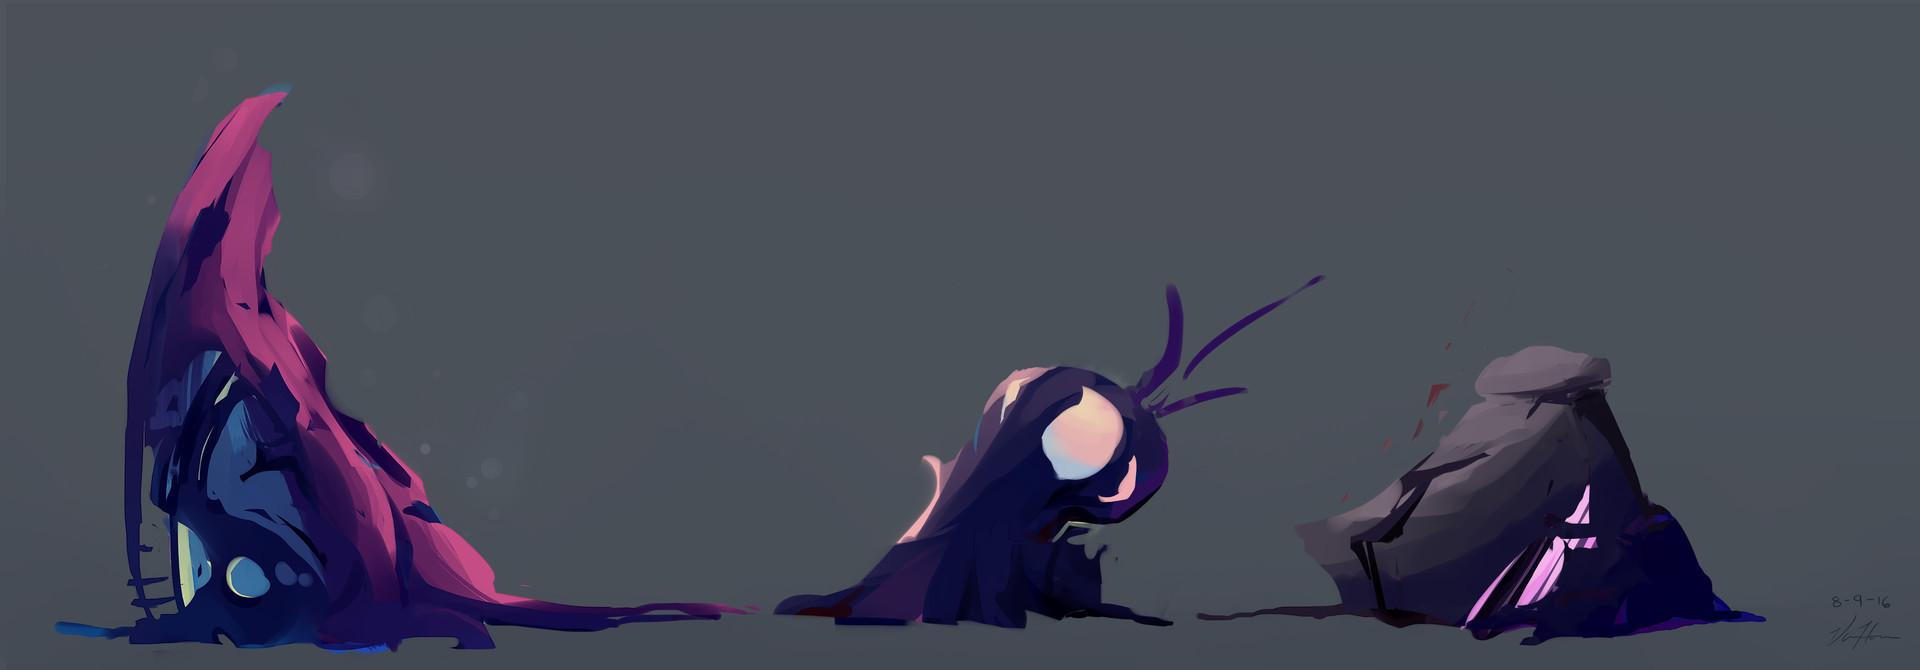 Cave - Plants